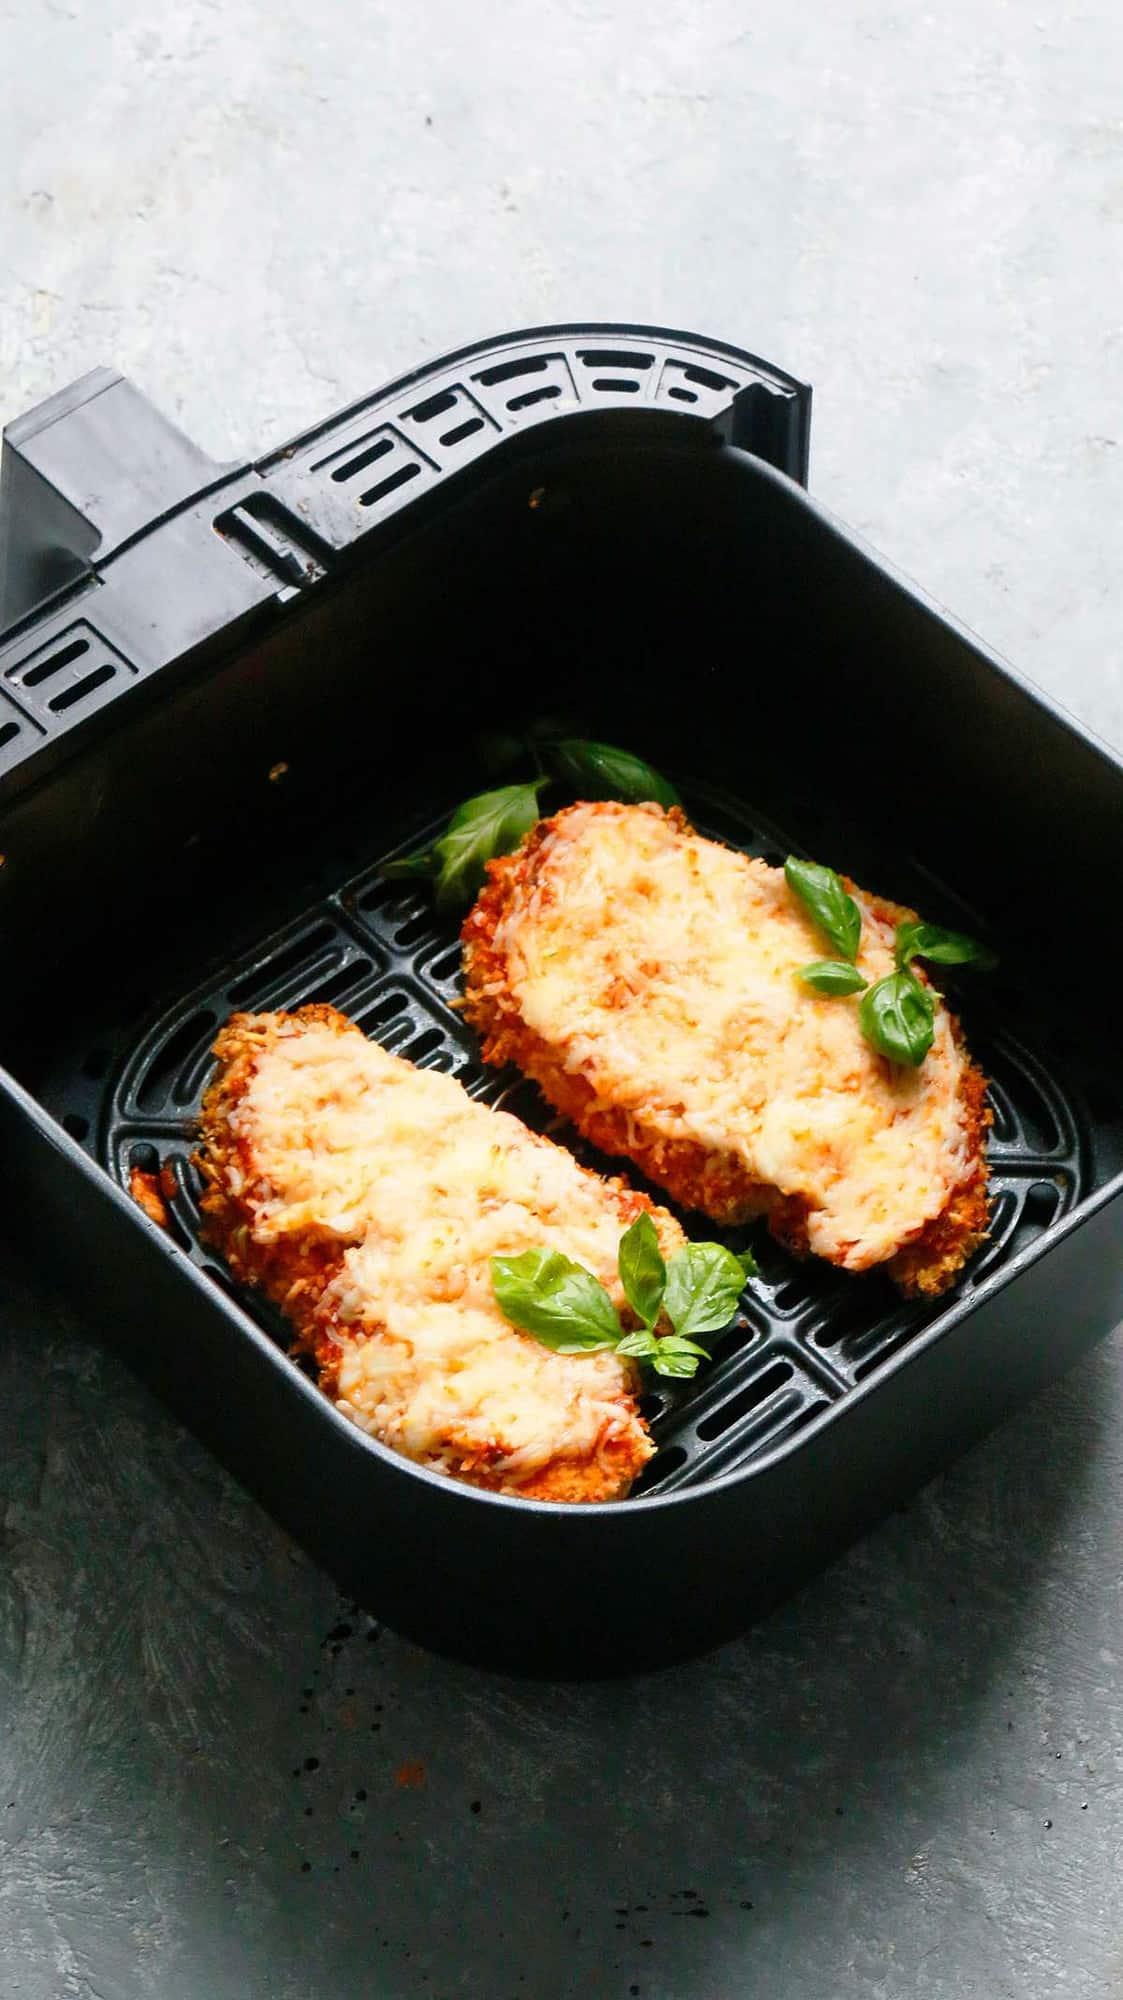 air fryer basket with chicken parm